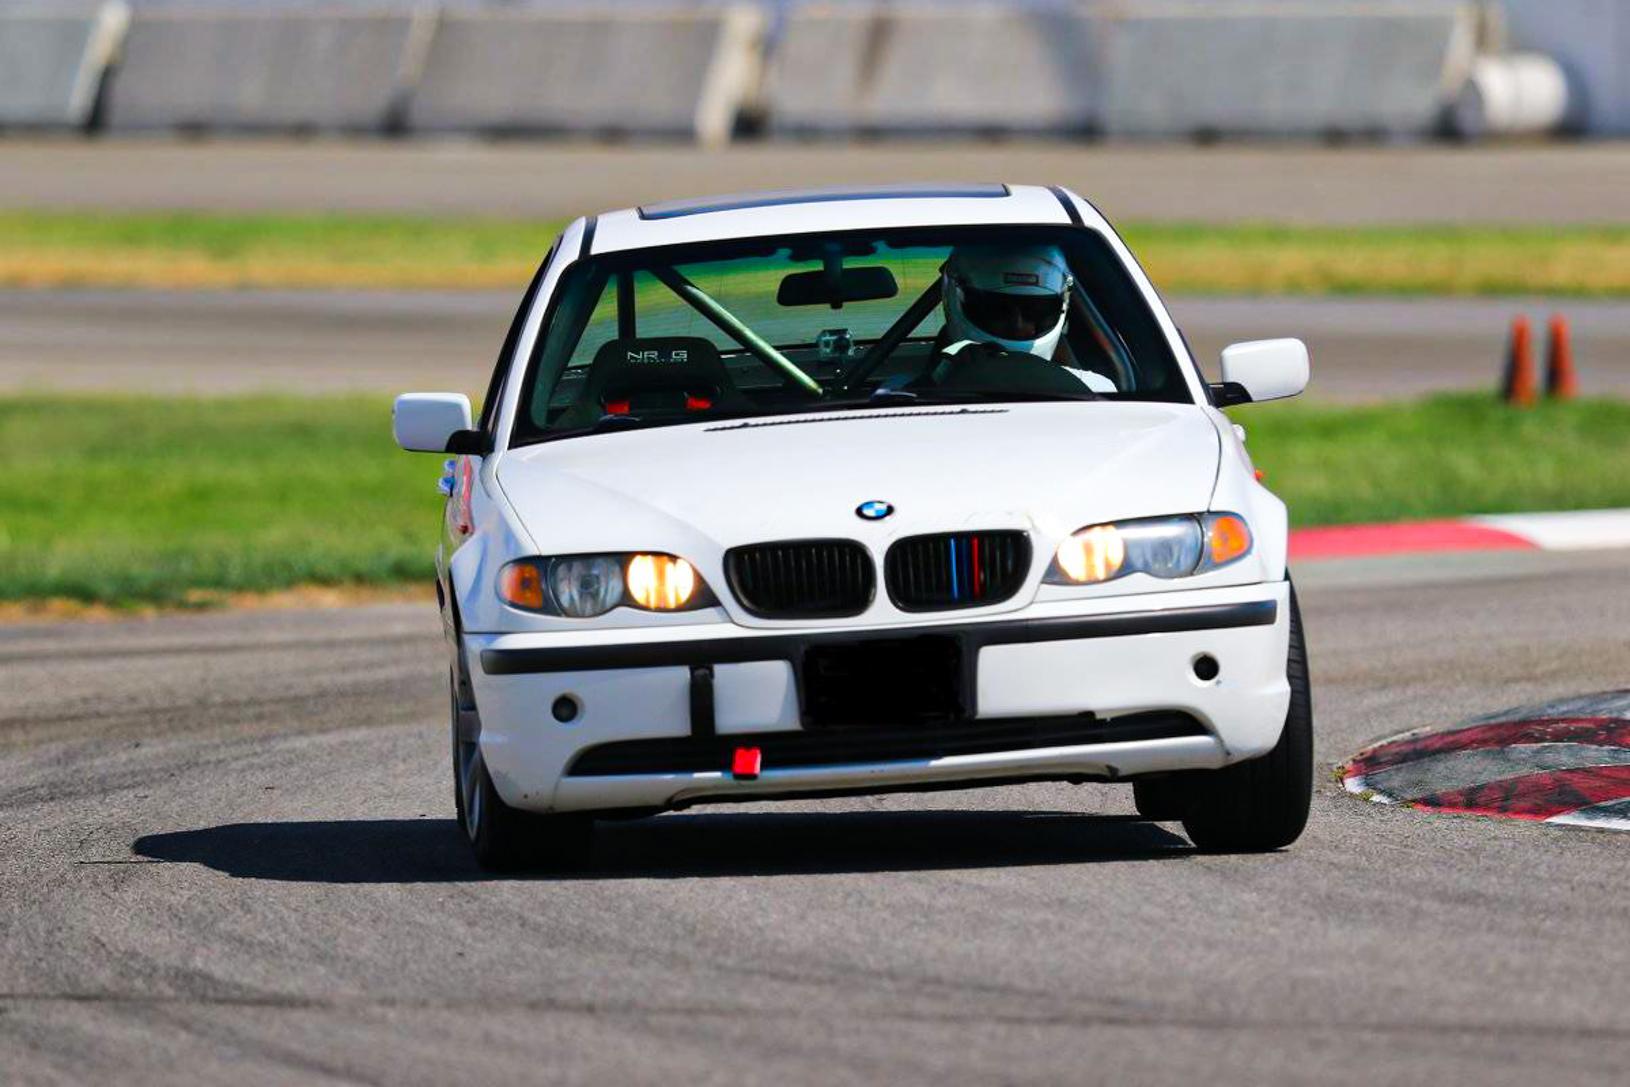 2002 BMW 325i 'Track Car'